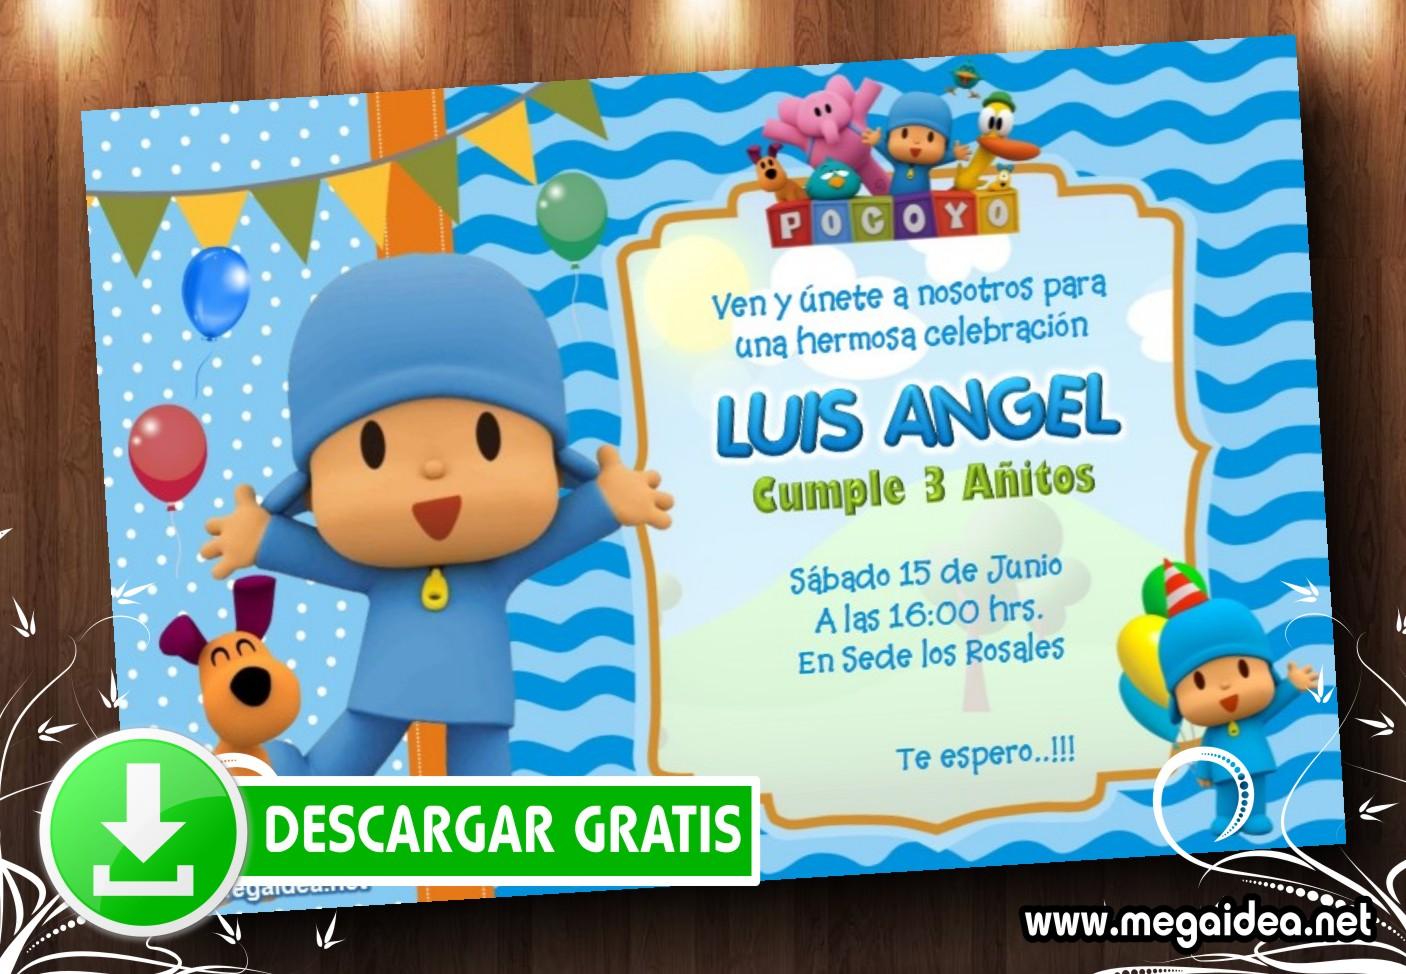 Pocoyo Lula Invitacion MUESTRA